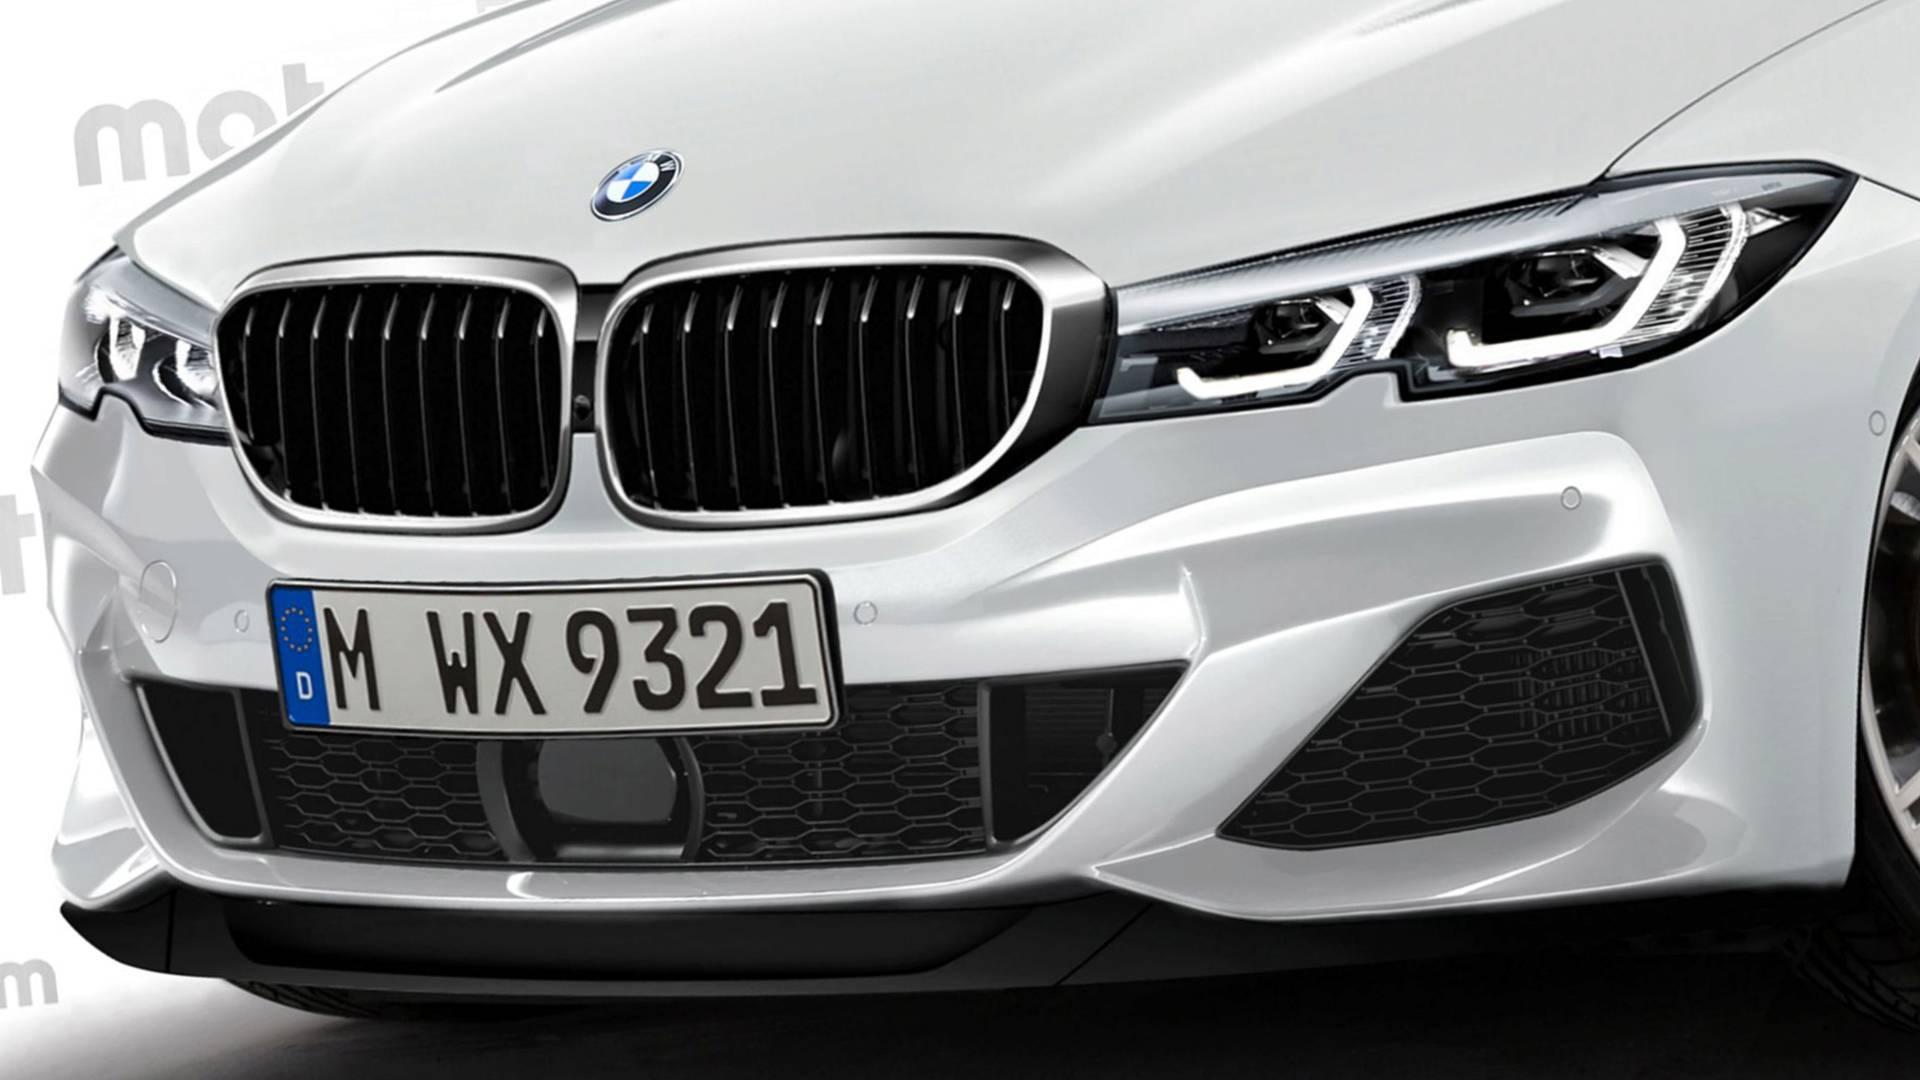 BMW次期3シリーズ(G20)の最新レンダリング画像♪このまま出ても違和感ないレベルです^^